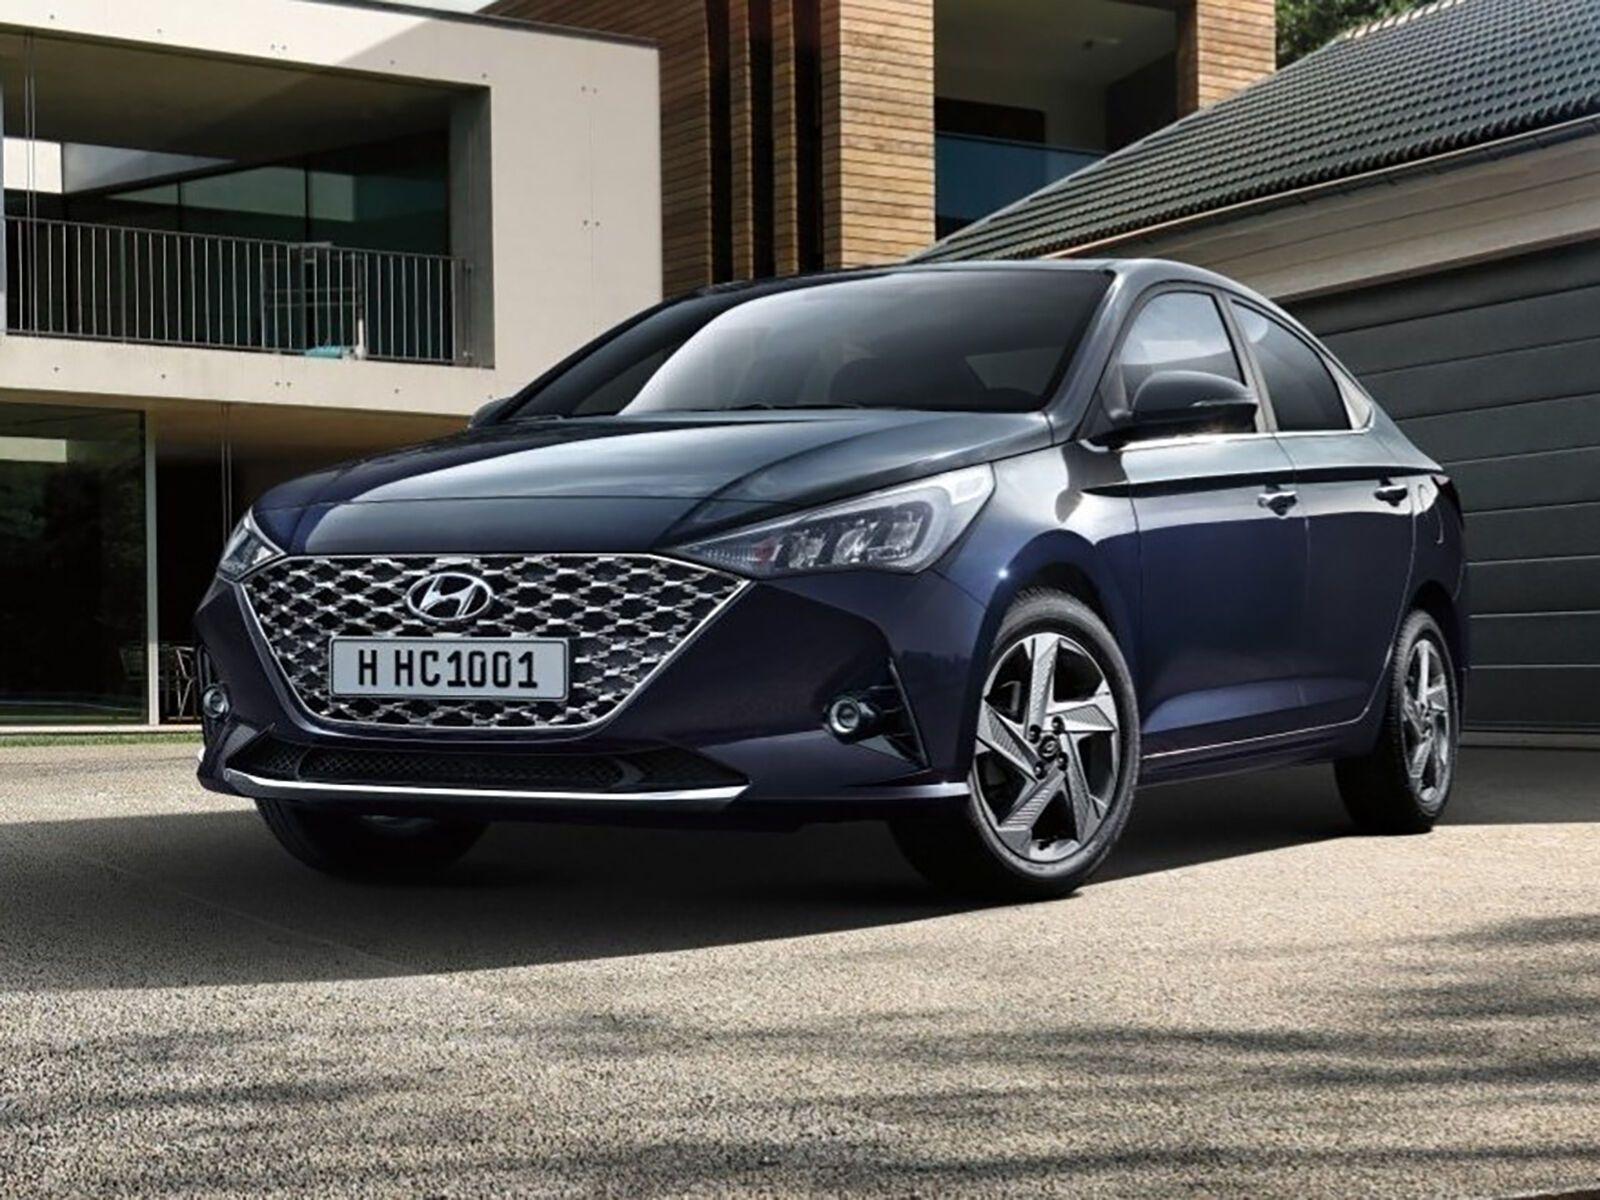 Hyundai Accent – досить дорогий автомобіль для свого сегменту, та зовні машина виглядає ще дорожче